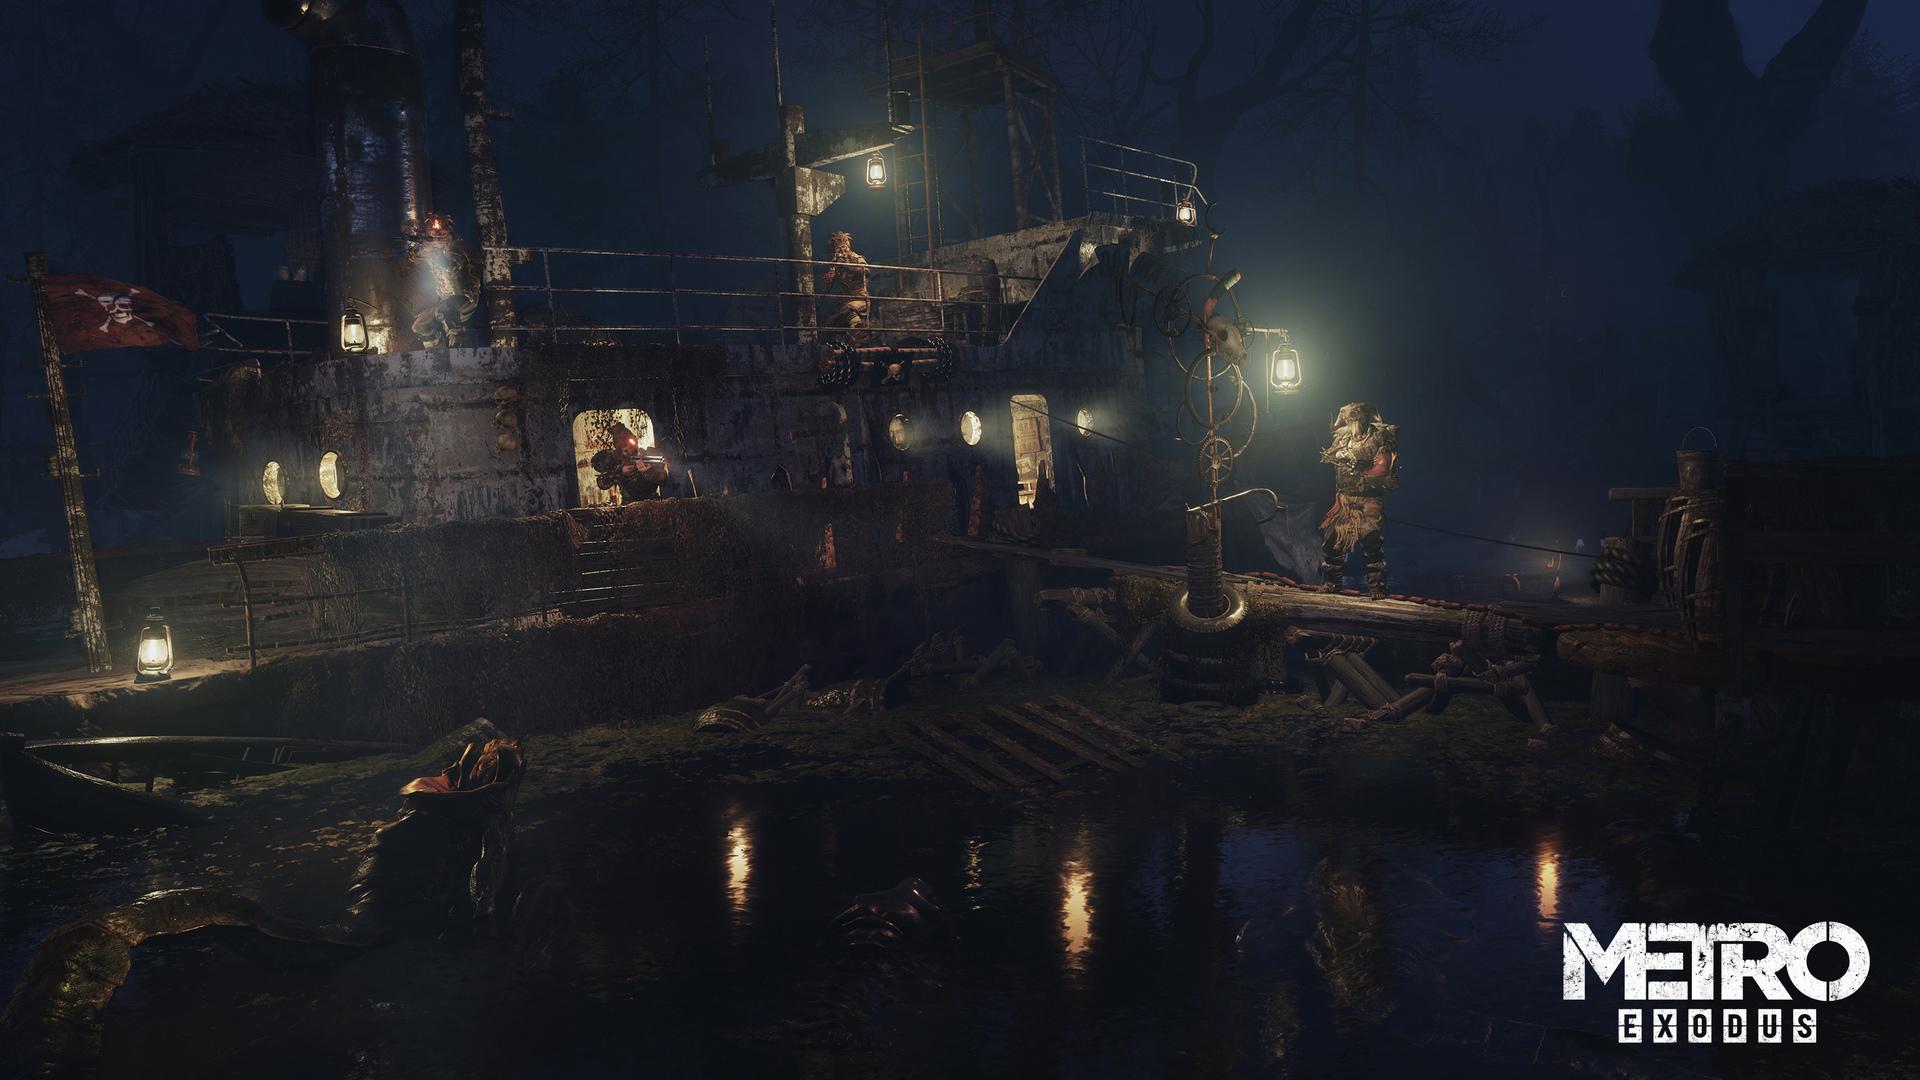 《地铁:逃离》大量新截图曝光 画面太美